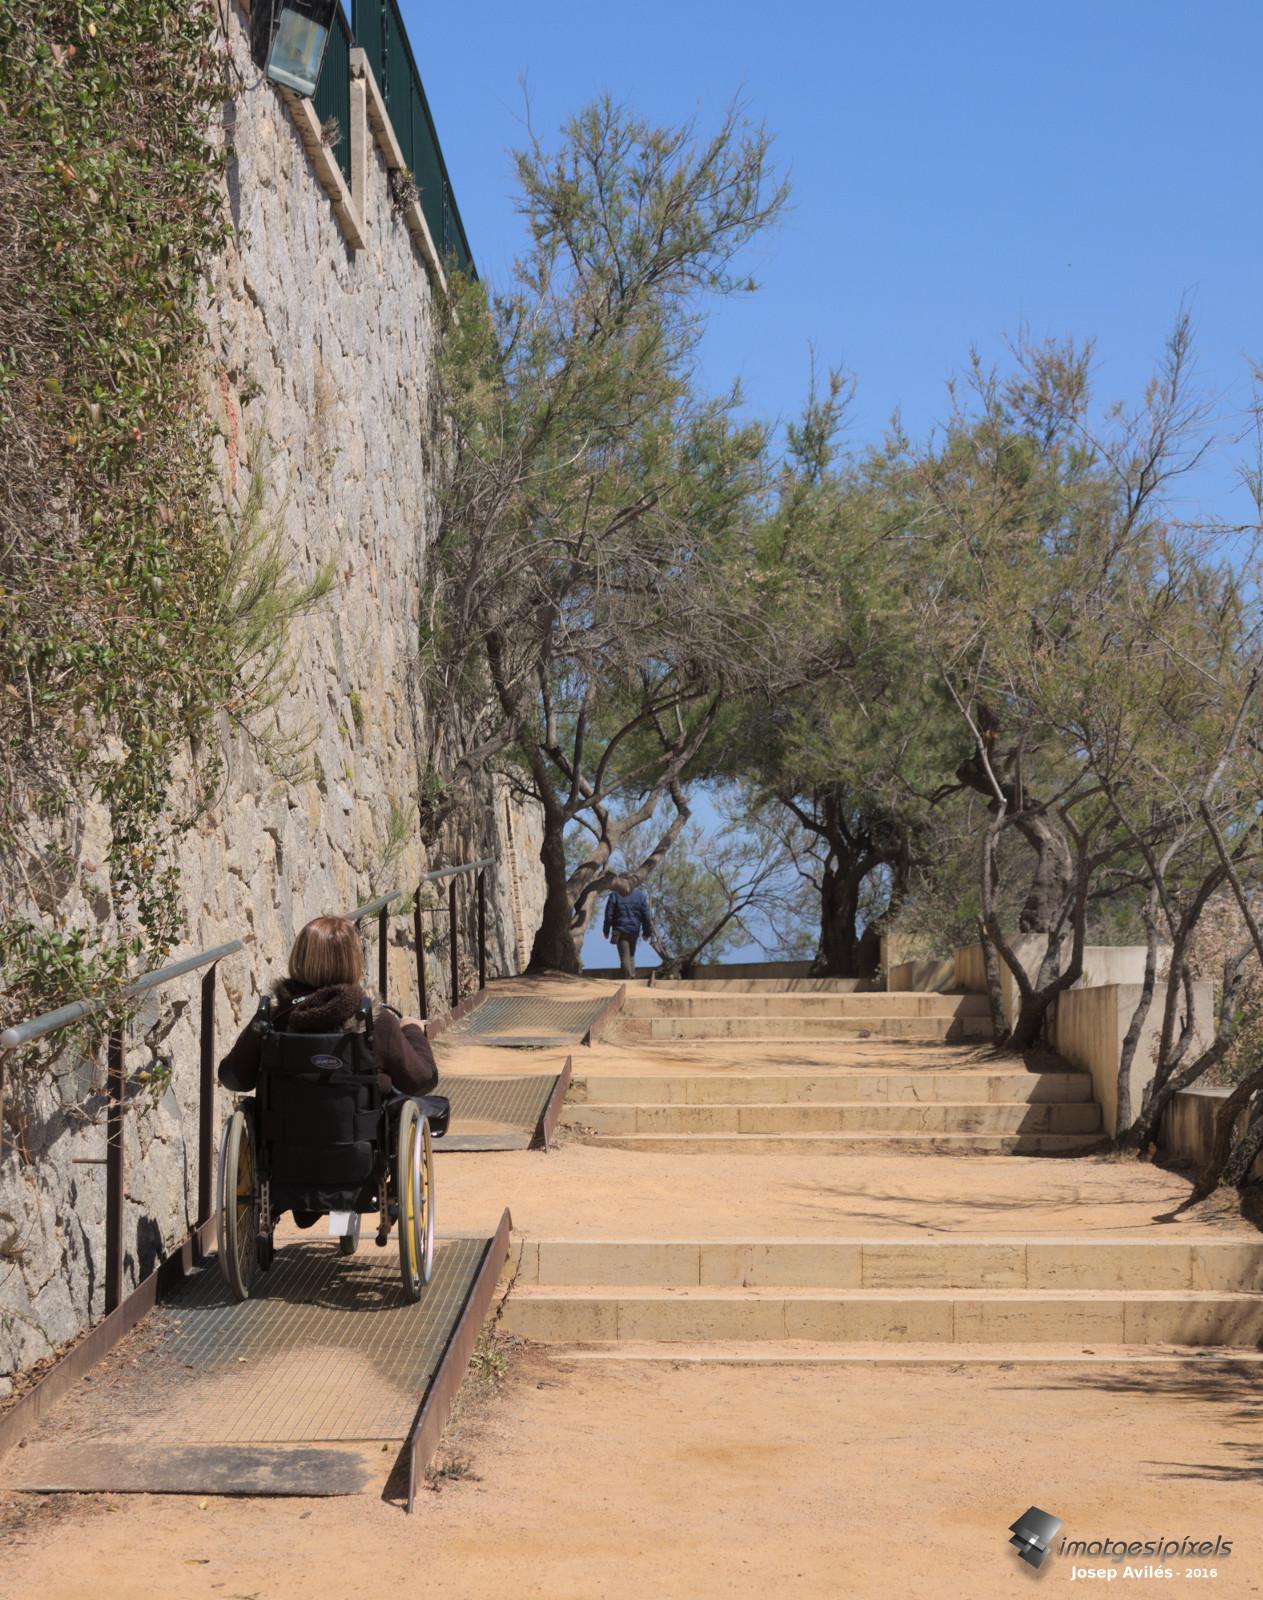 Rampes metàl.liques per salvar escales al camí de ronda de S'Agaró